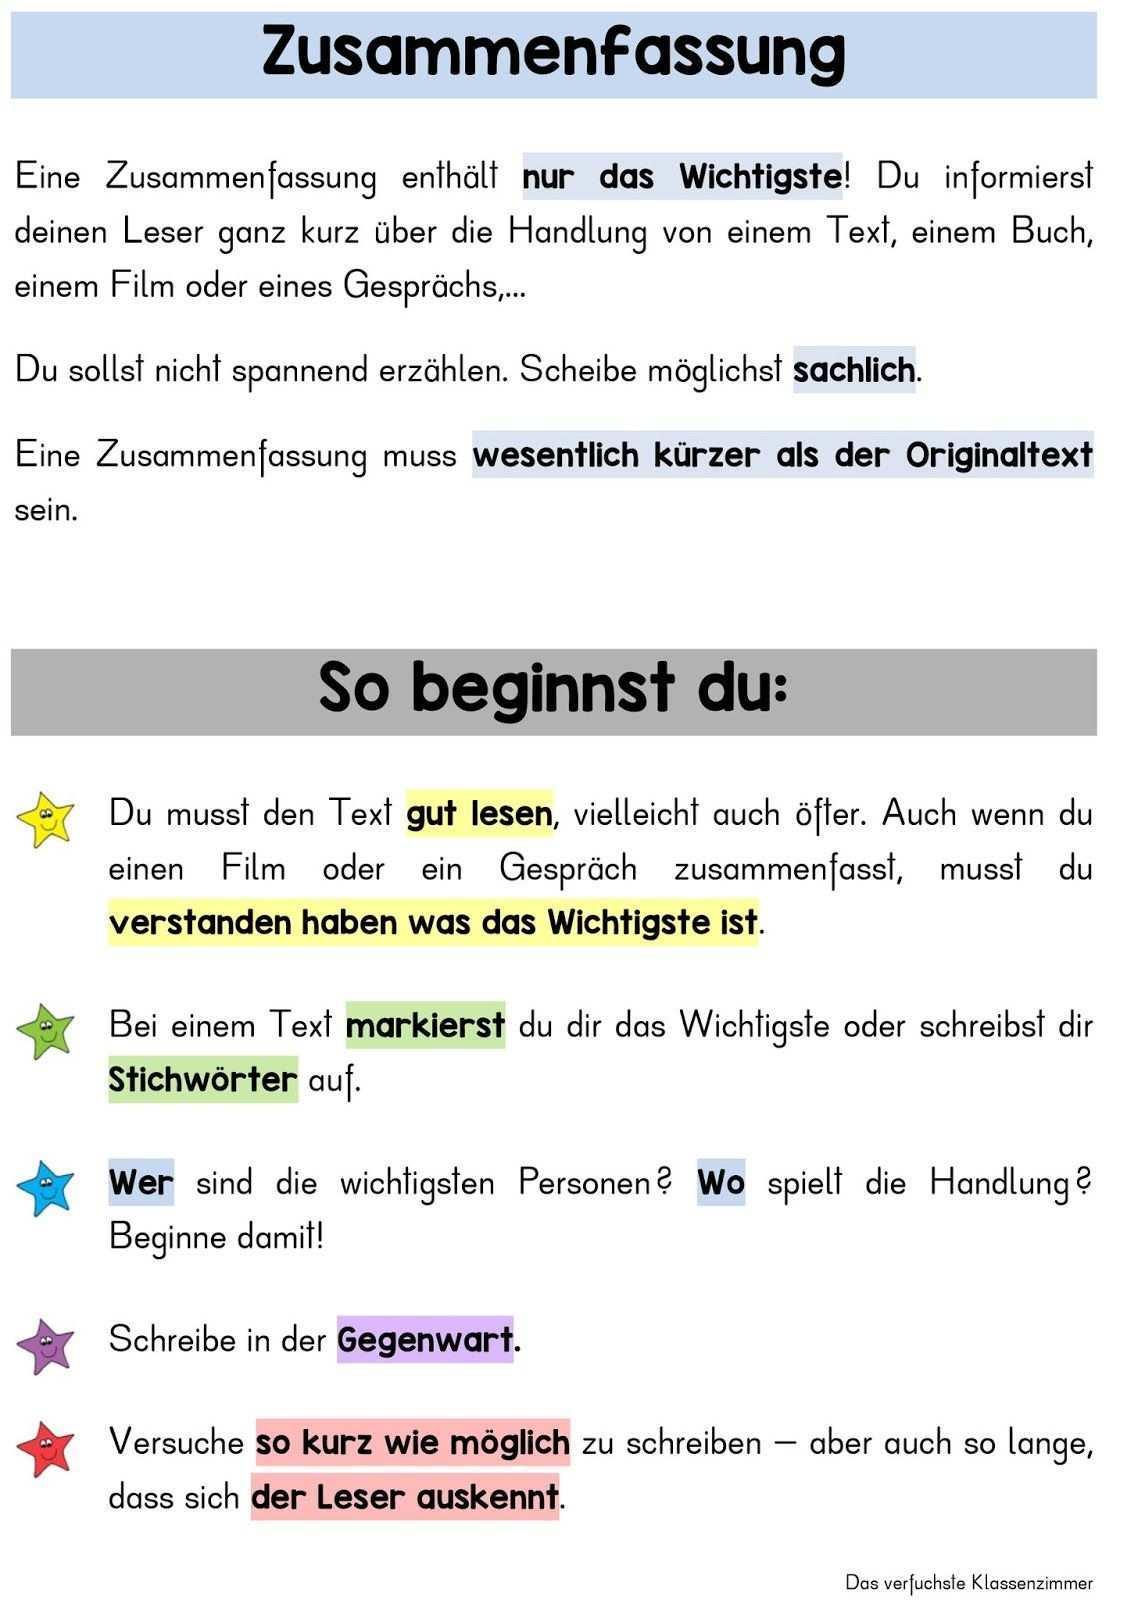 Ubersicht Fur Die Textsorte Zusammenfassung Inhaltsangabe Fur Grundschuler Inhaltsangabe Schreiben Inhaltsangabe Zusammenfassung